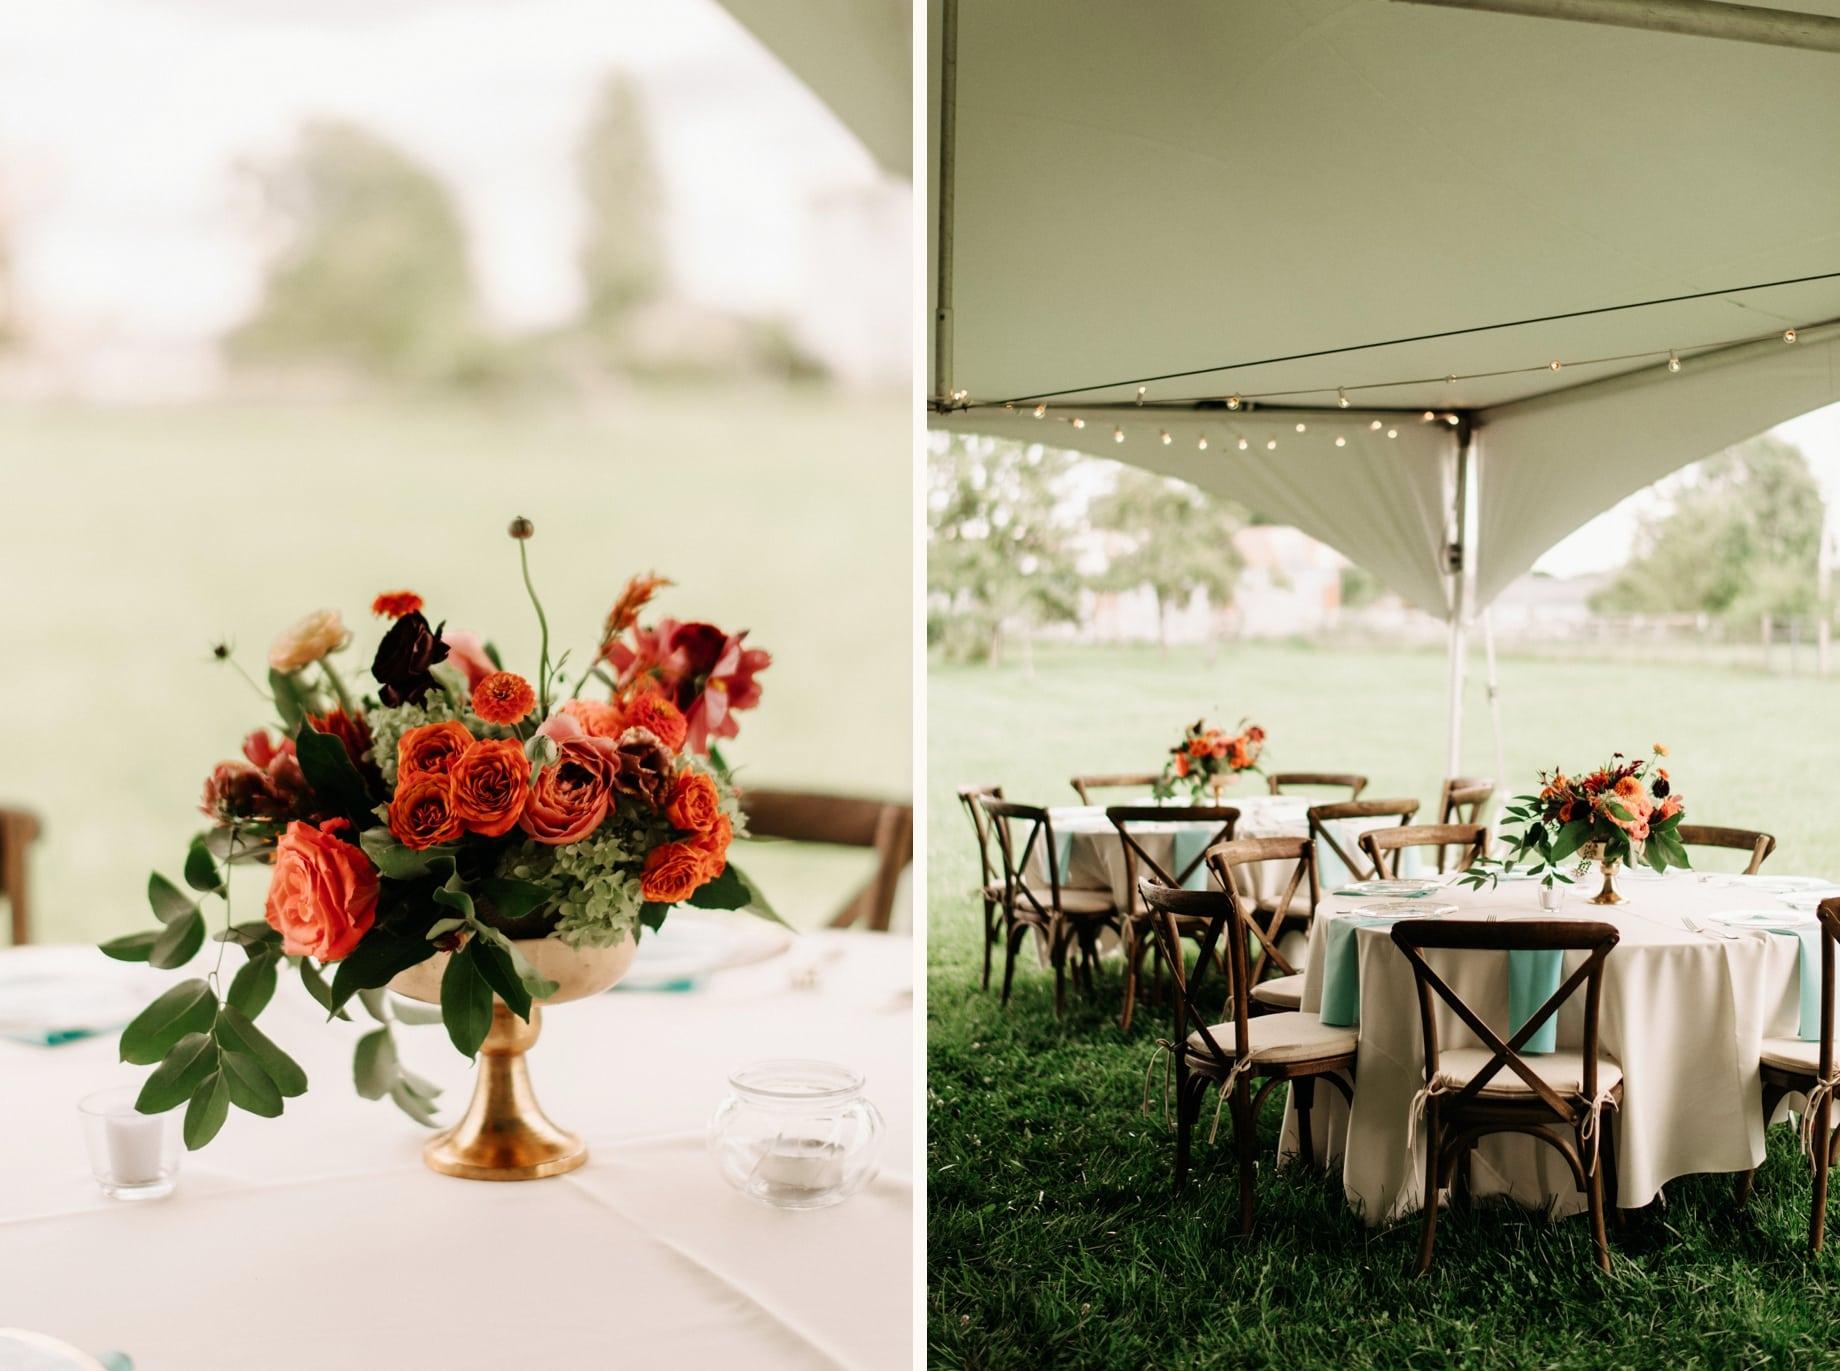 dahlias and rose centerpieces